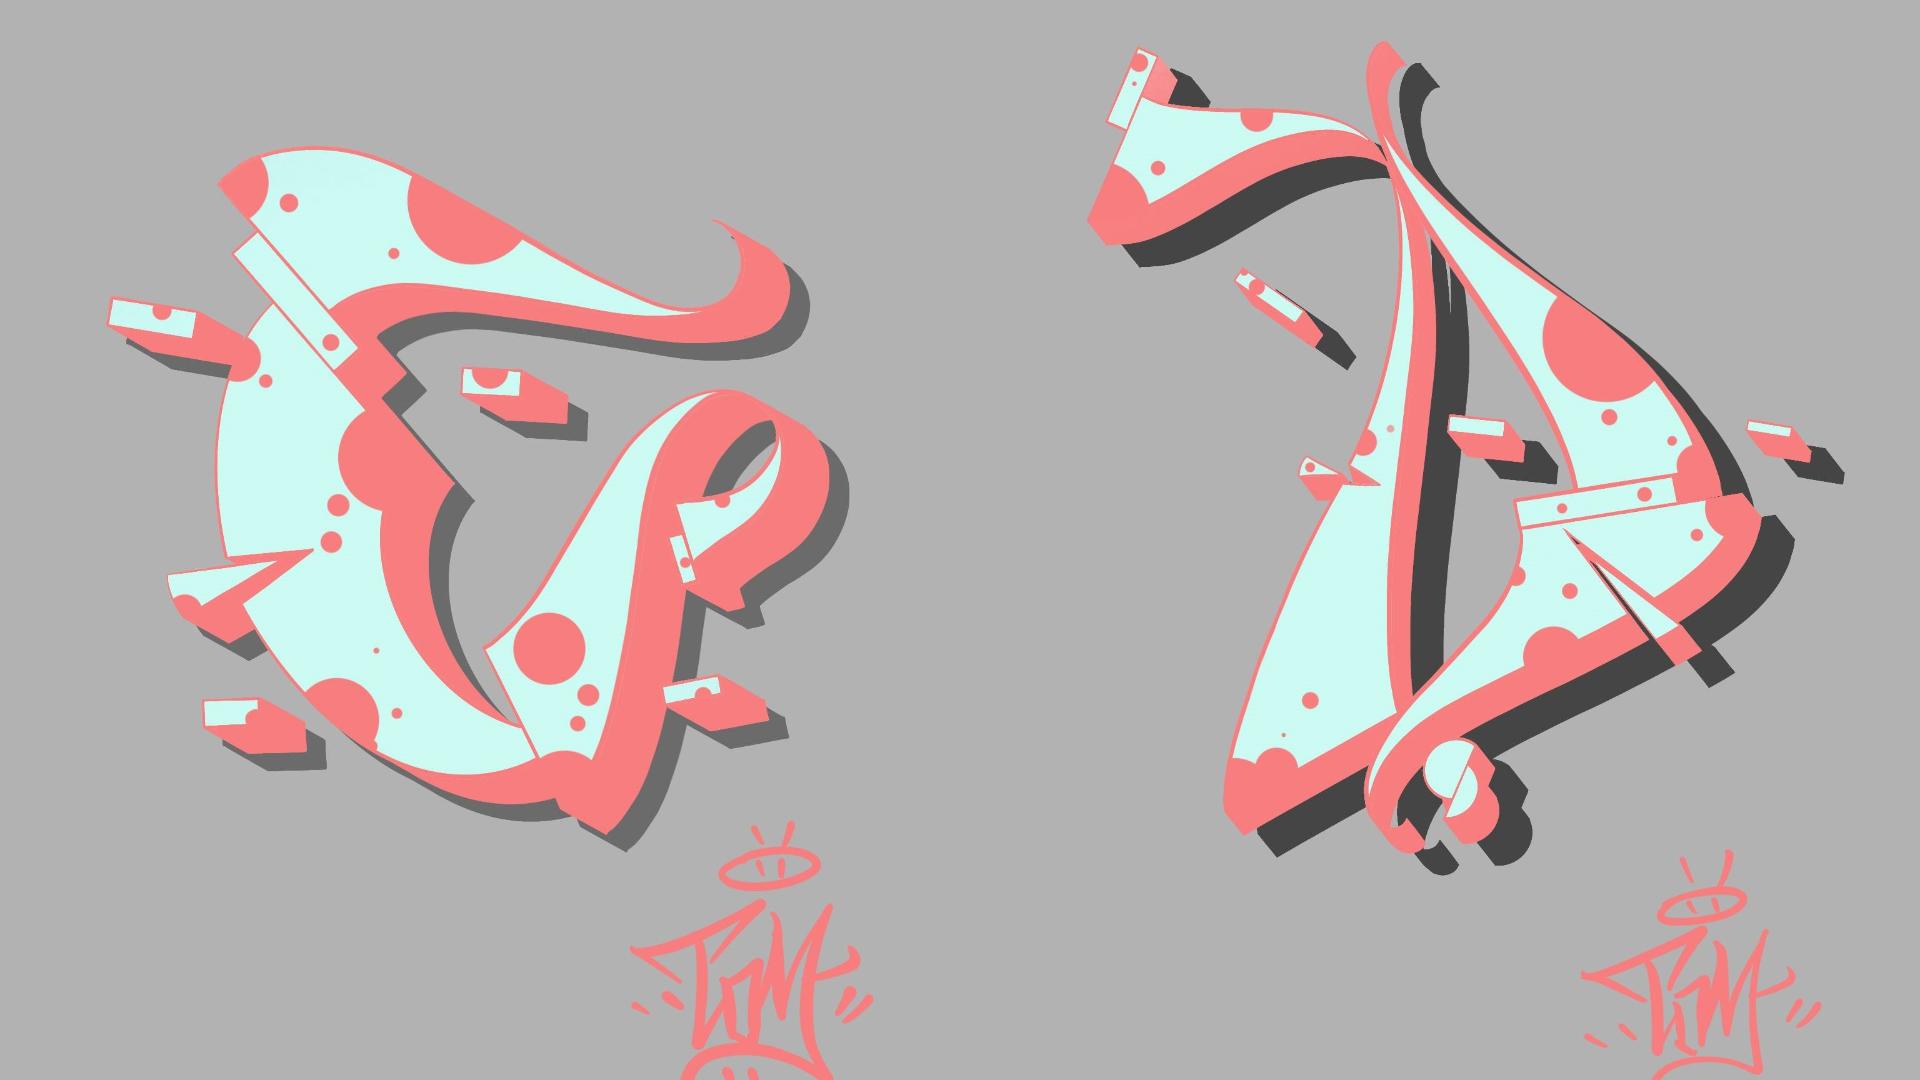 [IPAD][字母][procreate教程]][涂鸦] 自己风格的 C和D